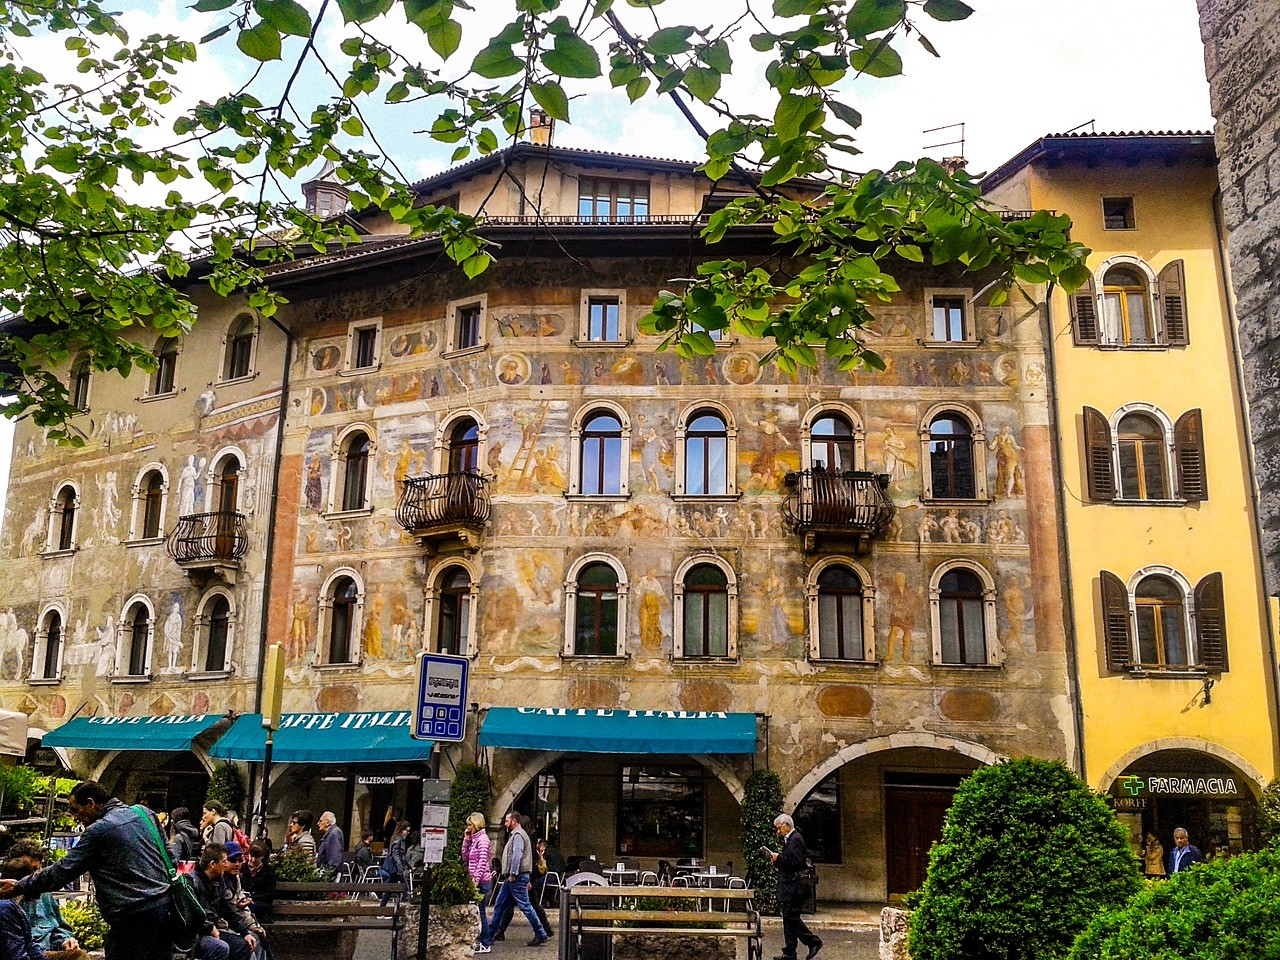 Esperienza a Trento, Italia, di Irina